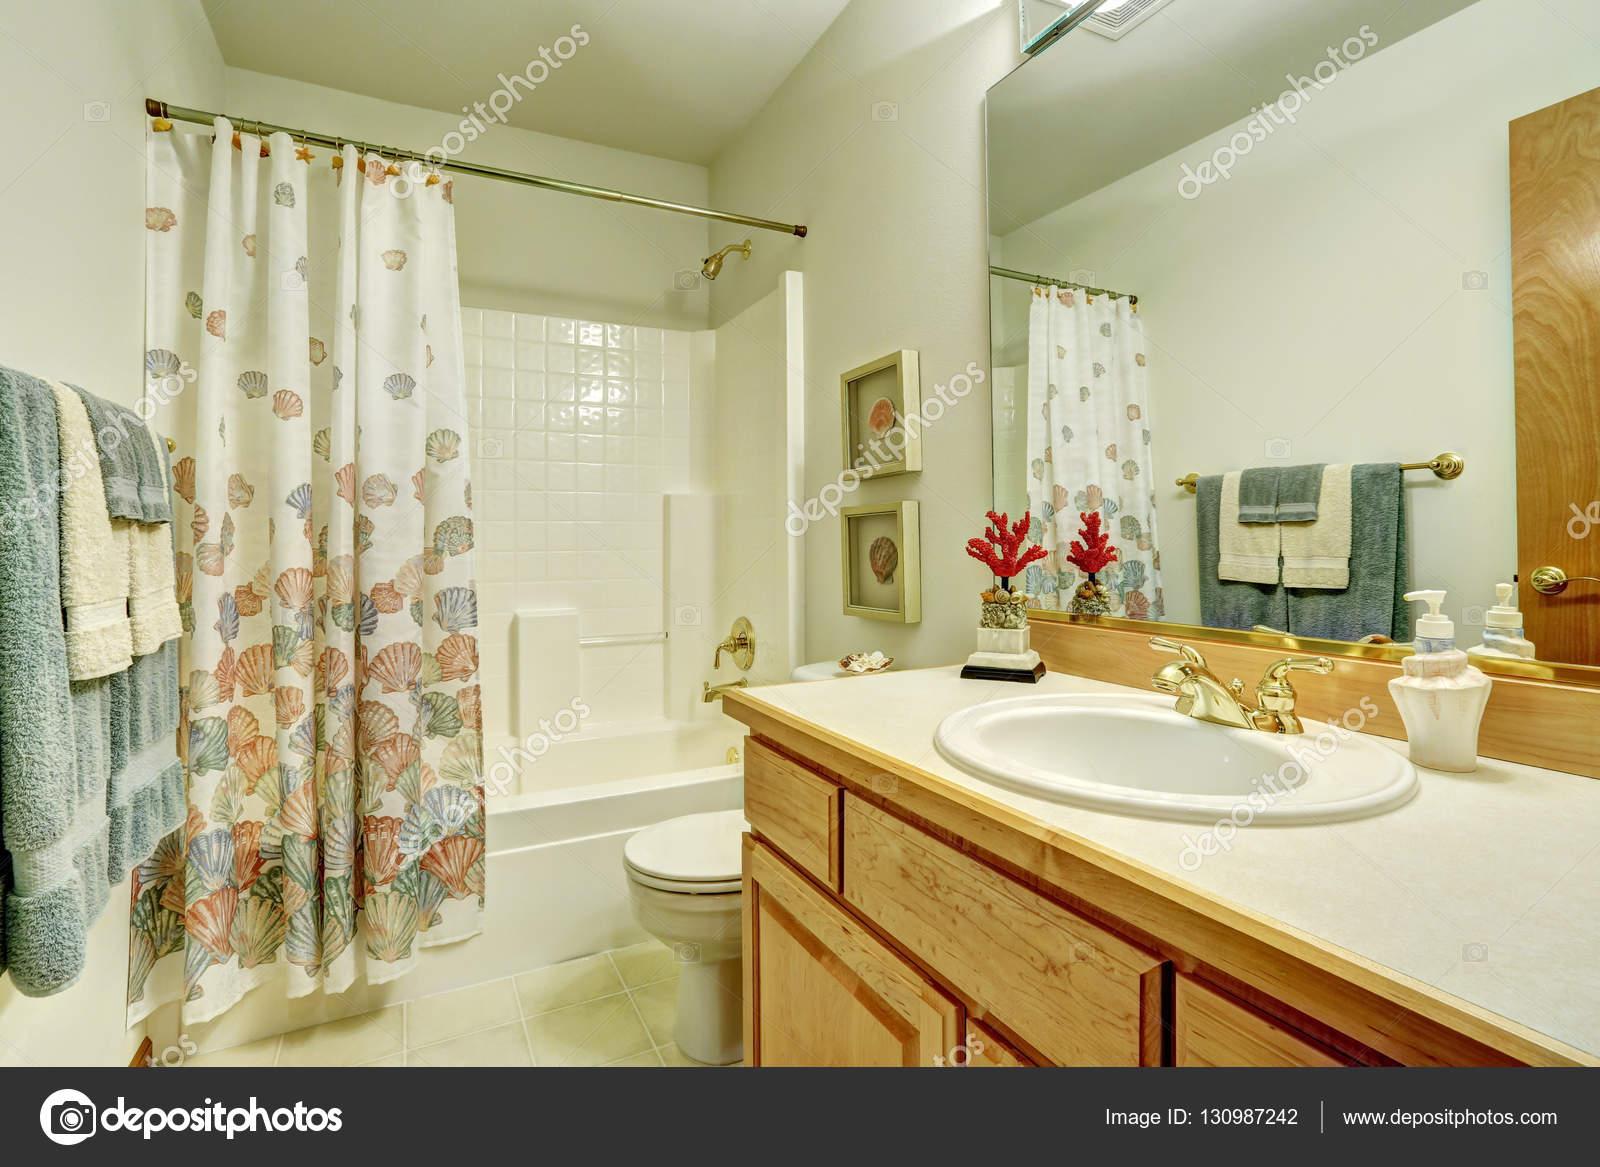 Bagno in stile marino. tenda da doccia con reticolo di conchiglie di